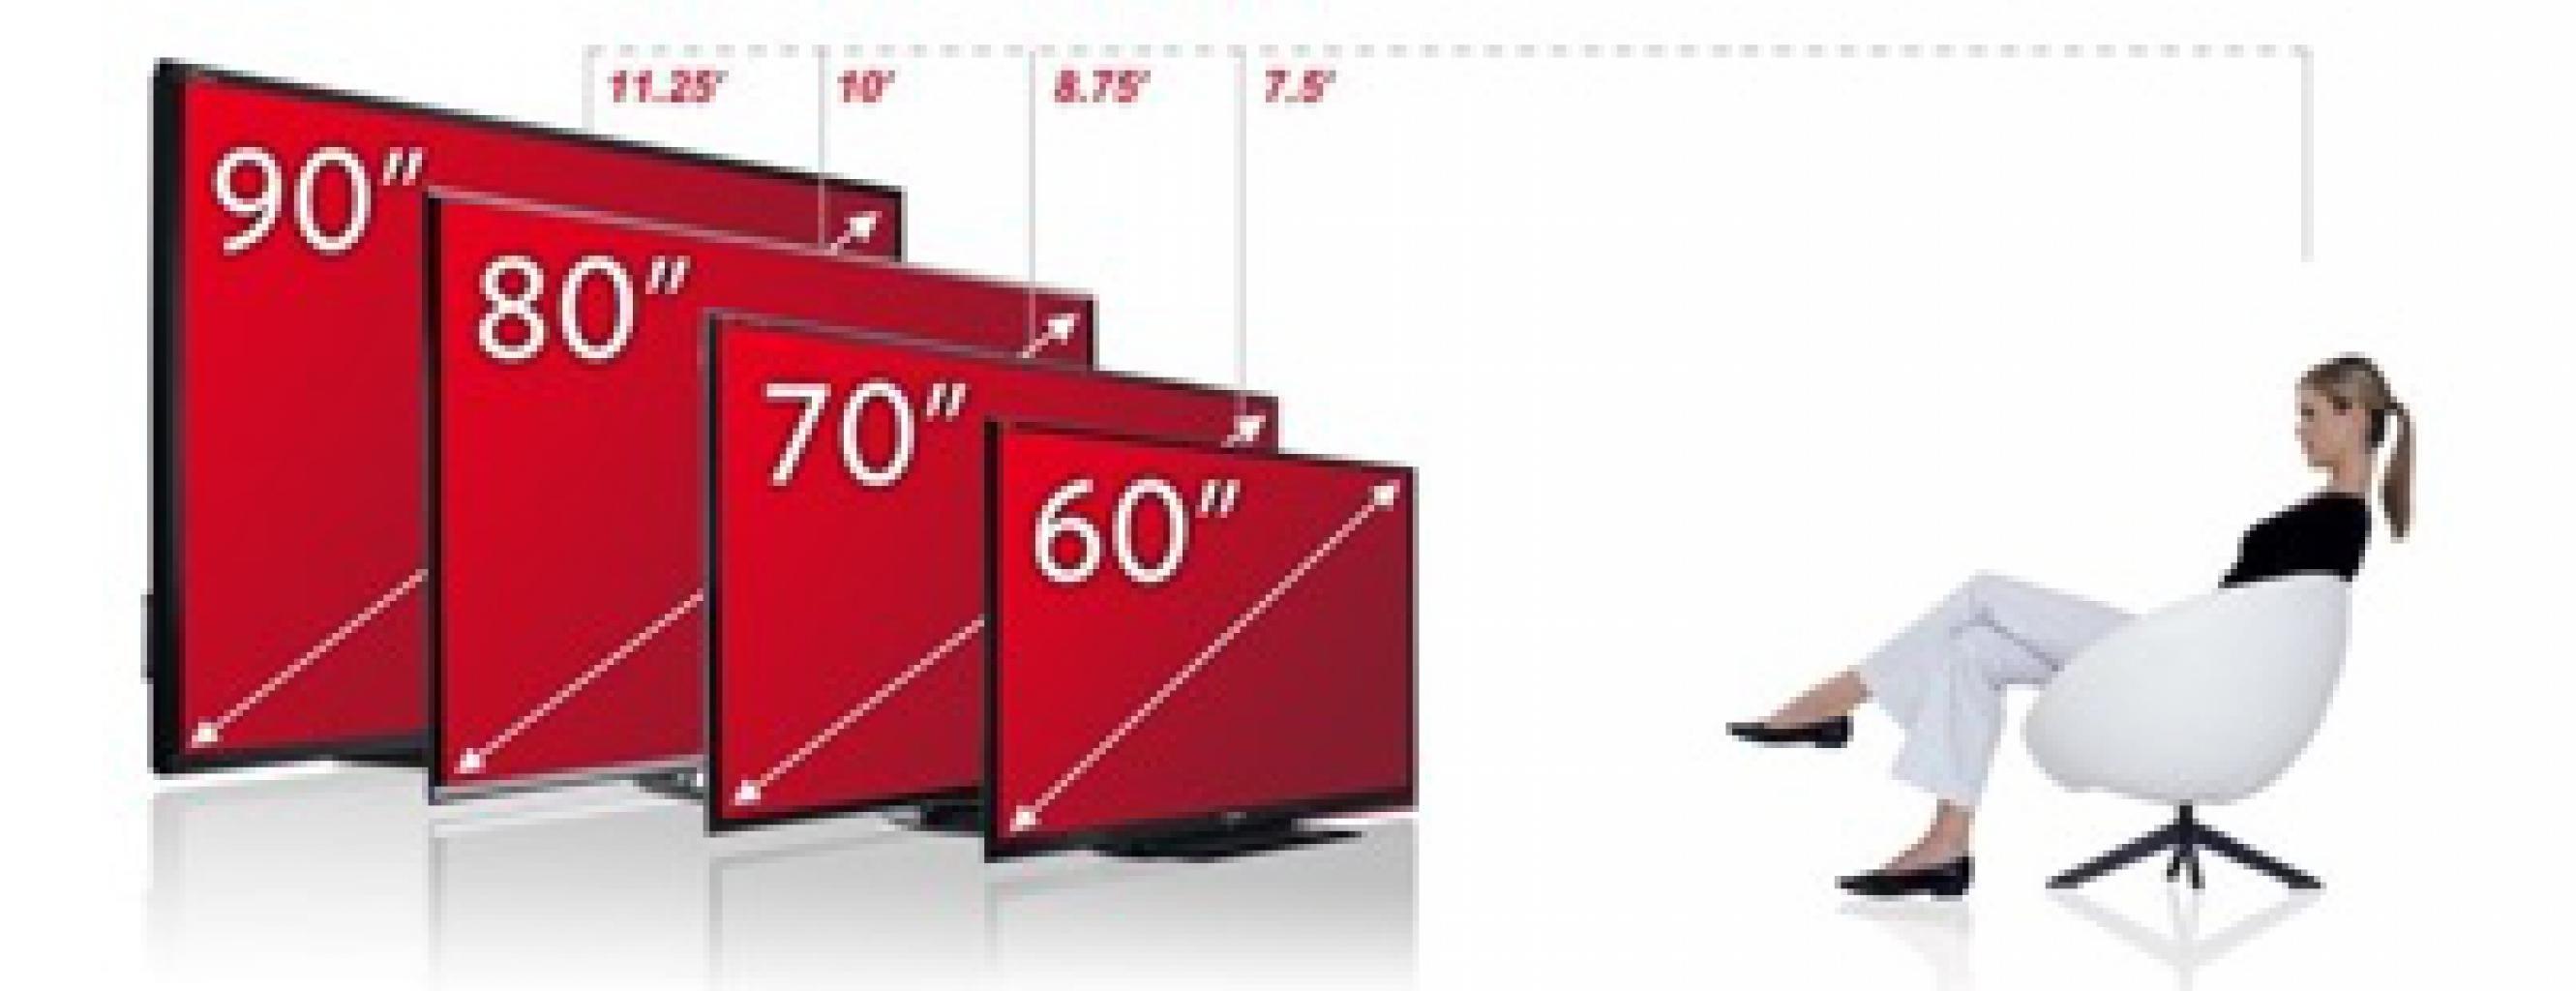 wie hoch sollte ein fernseher hngen ein fernseher als samsung the frame im test with wie hoch. Black Bedroom Furniture Sets. Home Design Ideas